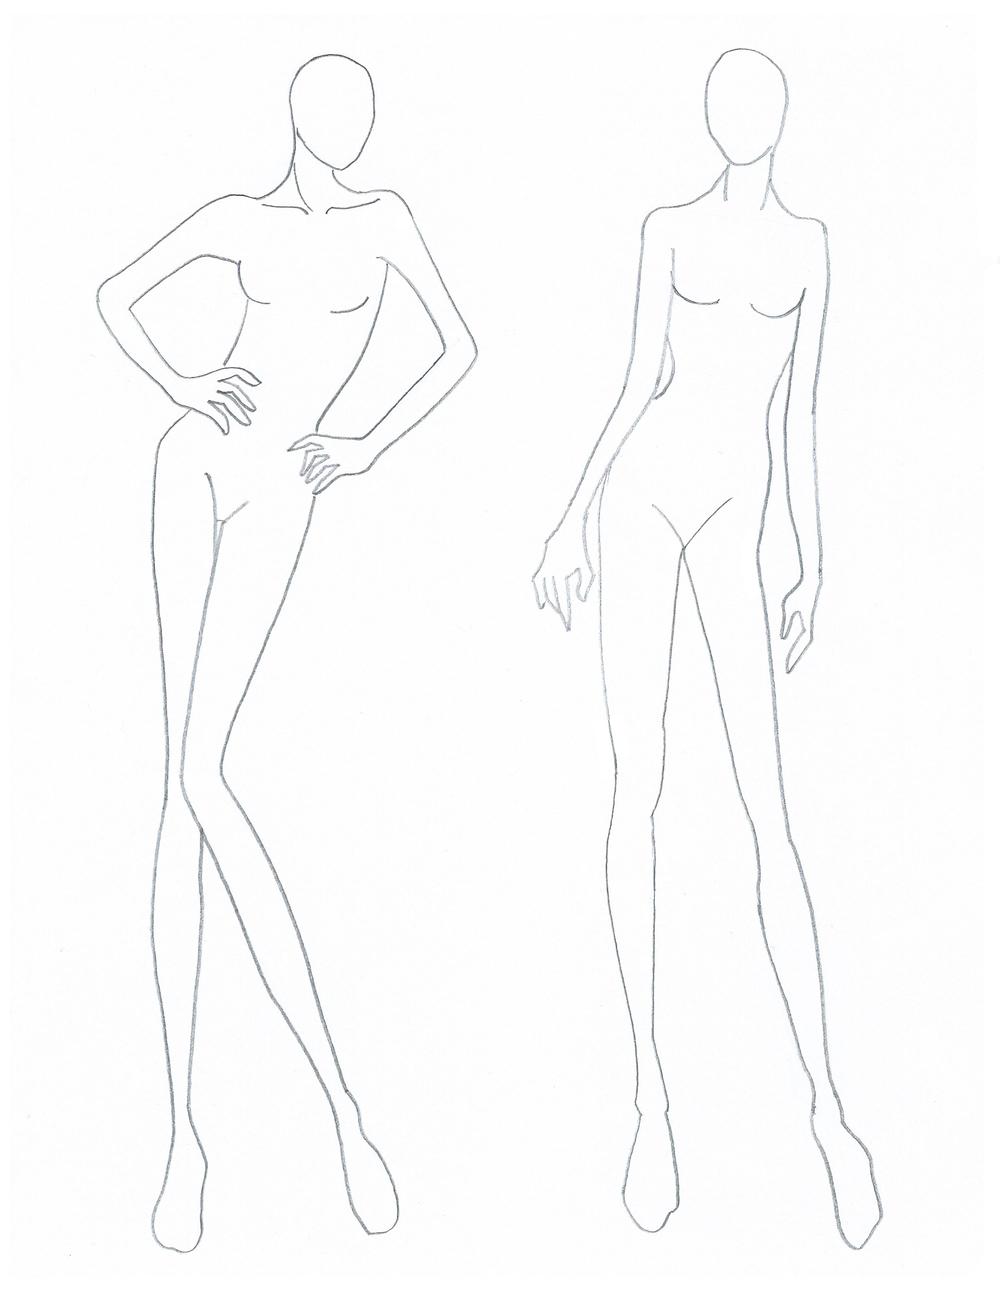 109TM_Fashion_Stencils_Page_3.jpg